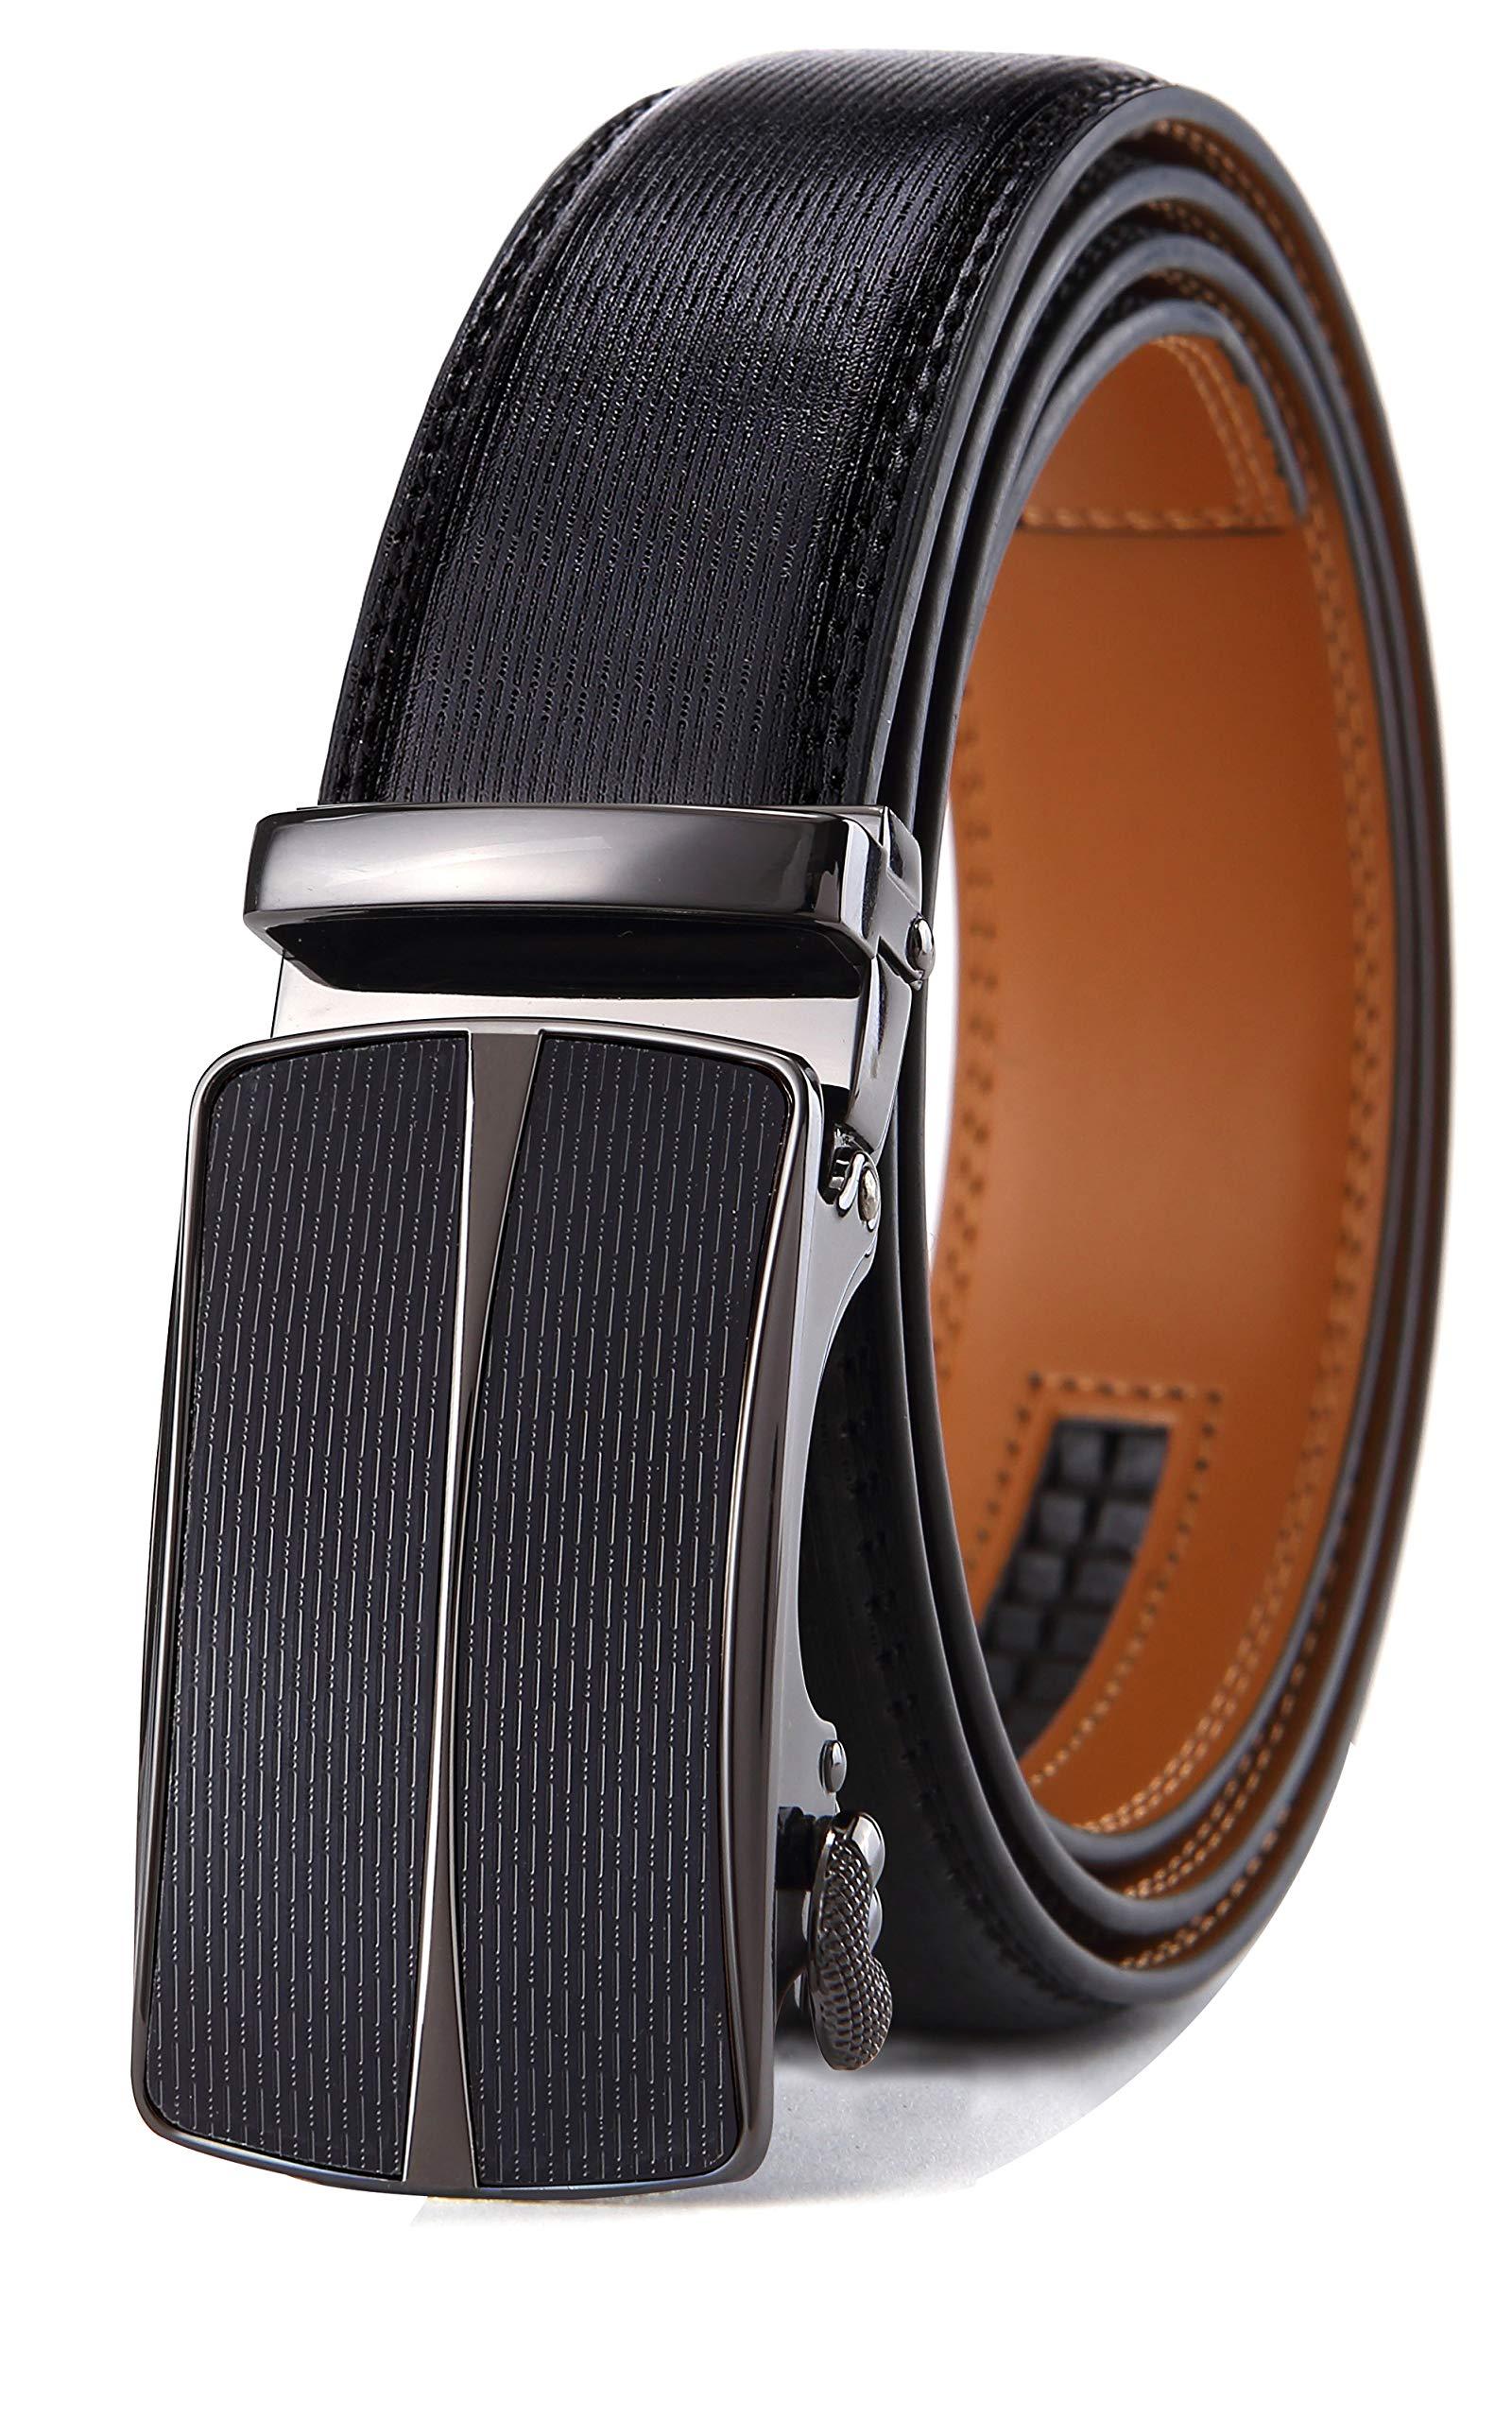 Men's Belt,Bulliant Leather Ratchet Belt for Men 1 3/8,Designed Buckle,Trim to Fit